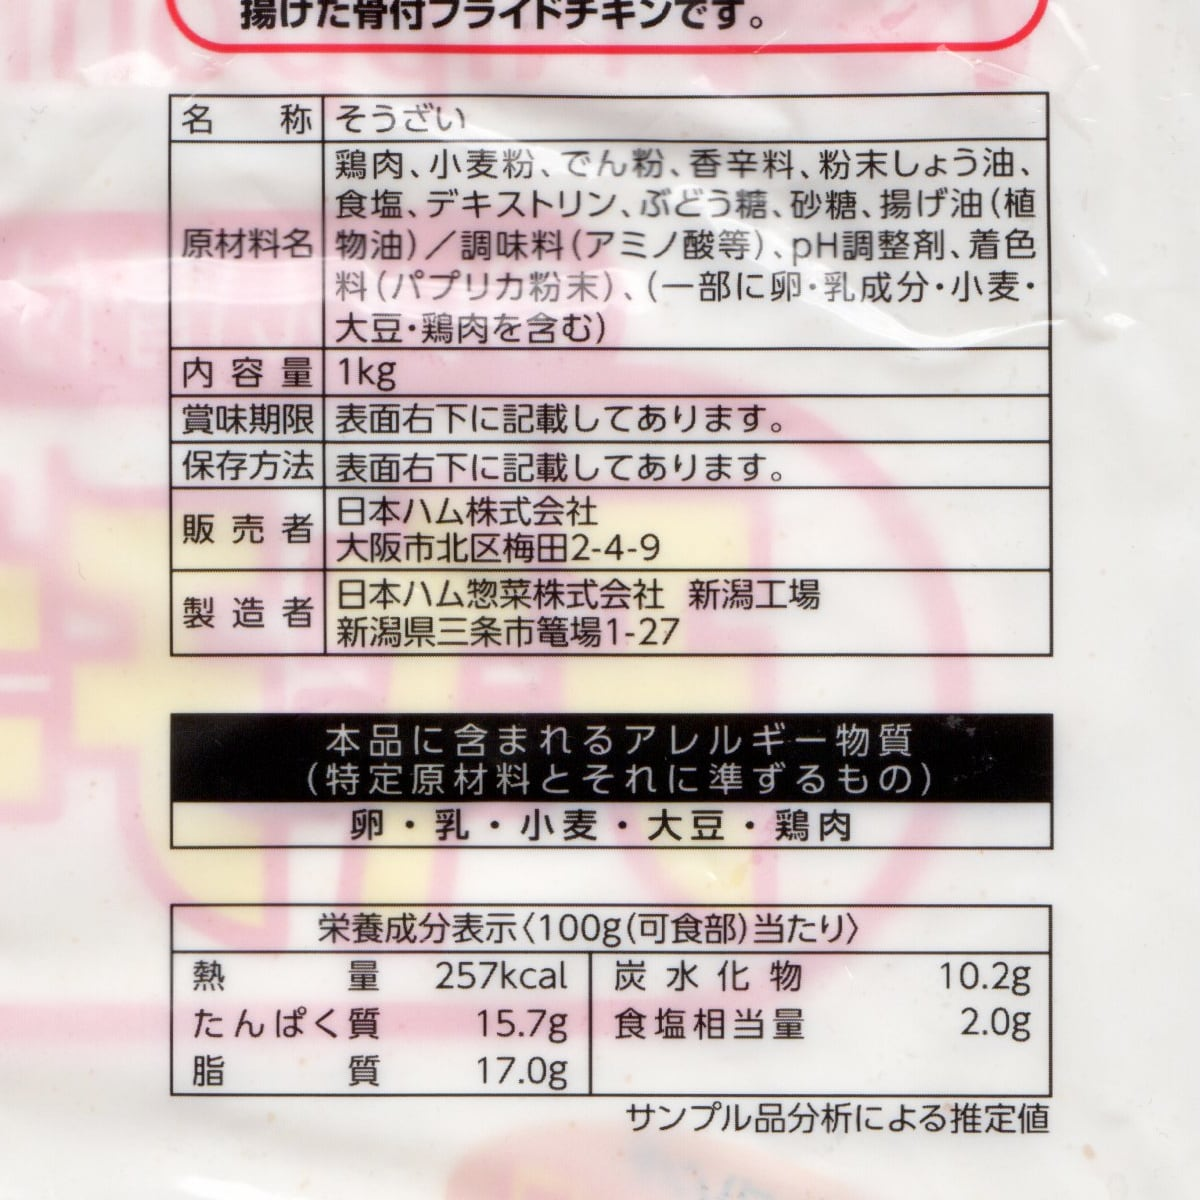 チキチキボーン 1kg 裏面ラベル(原材料・カロリーほか)